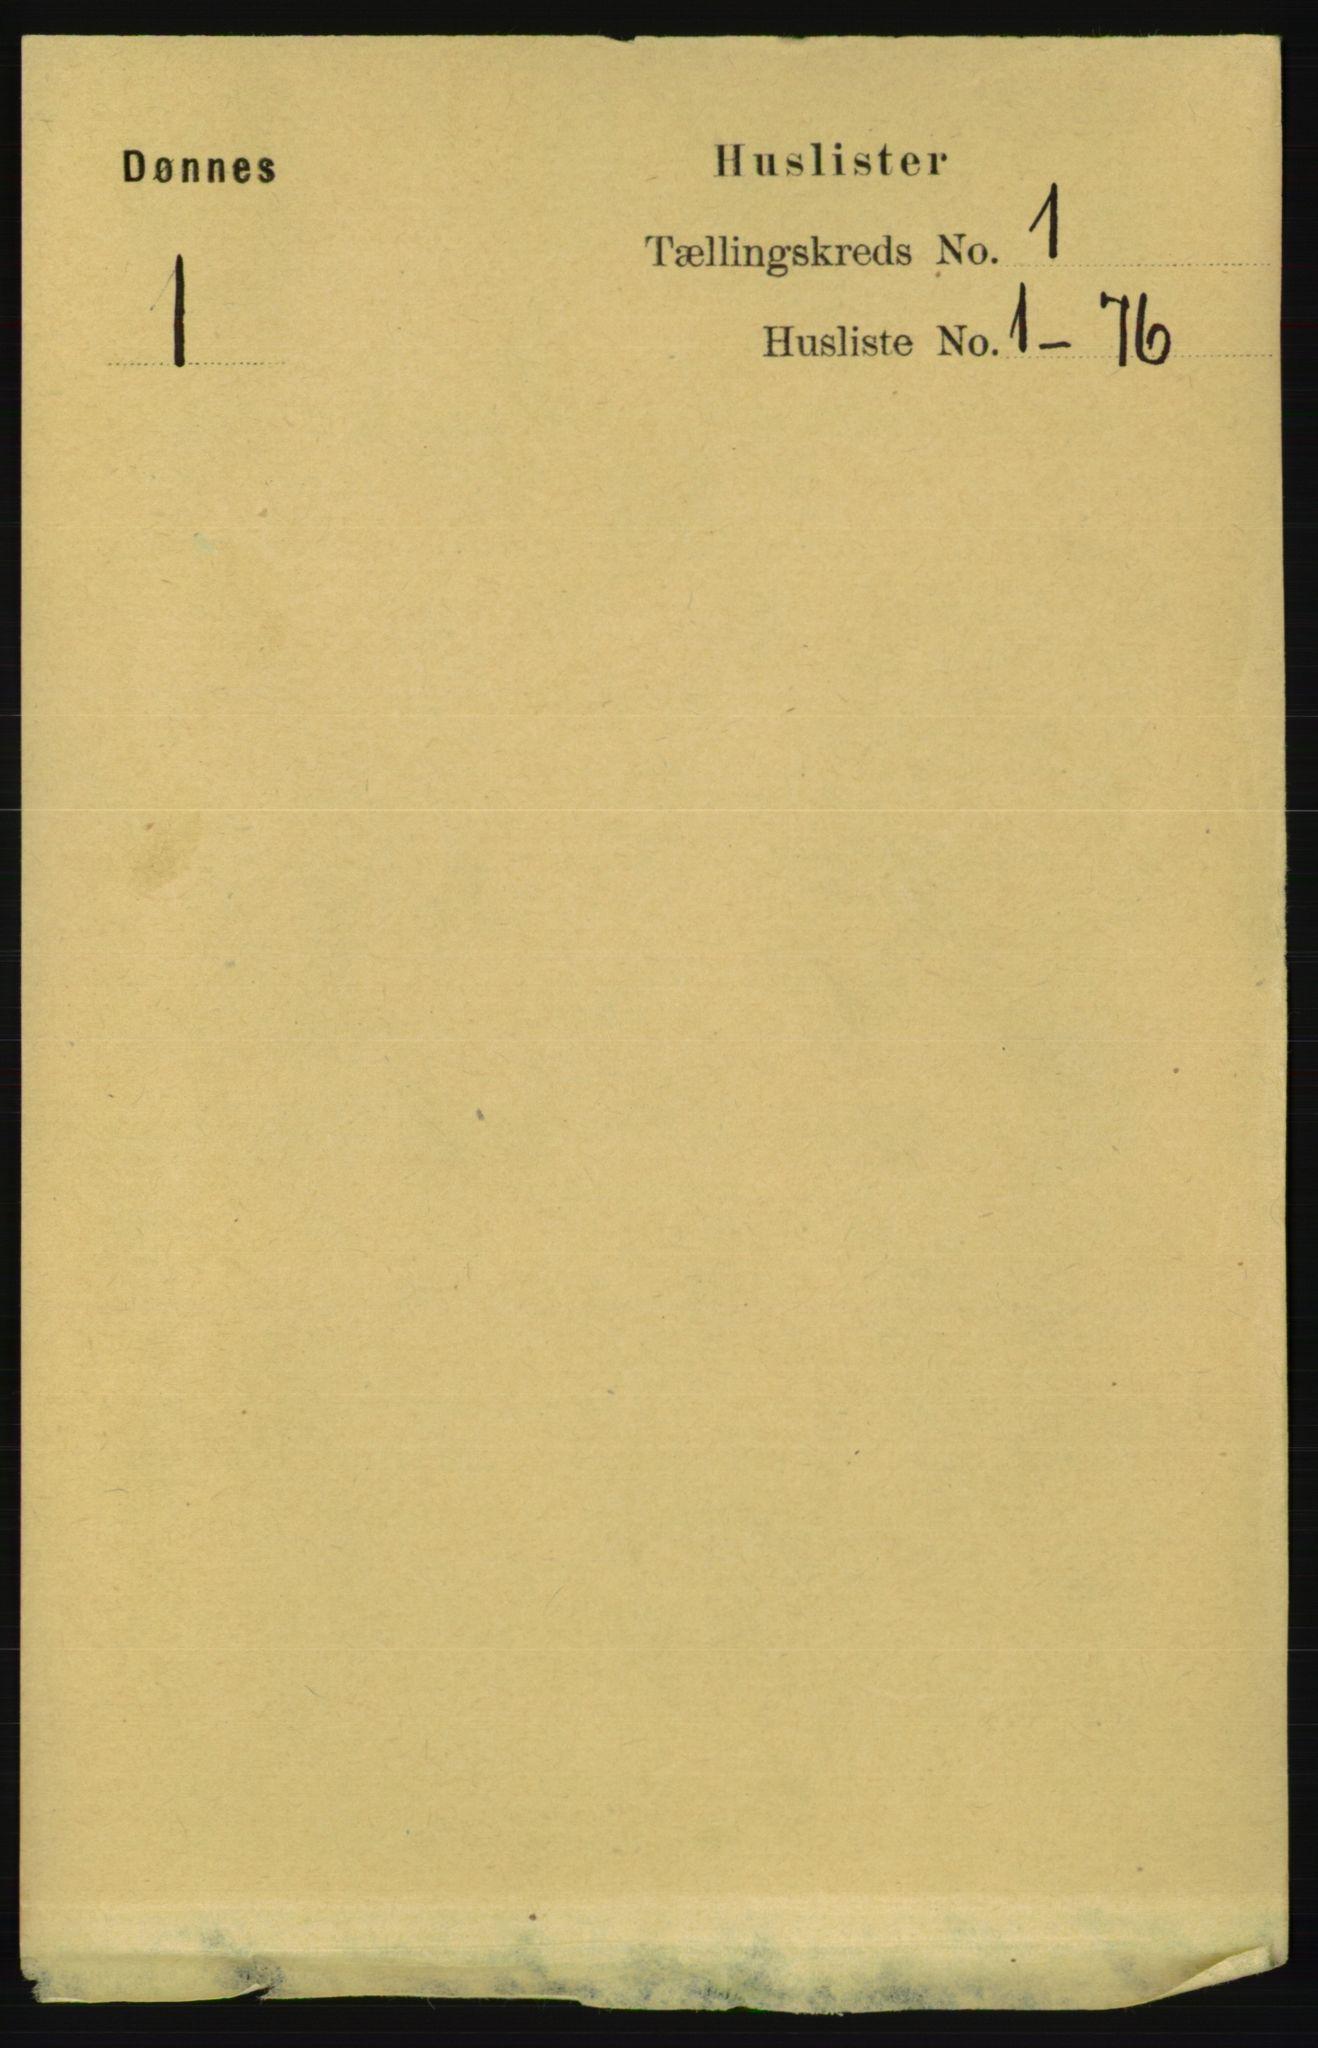 RA, Folketelling 1891 for 1827 Dønnes herred, 1891, s. 13